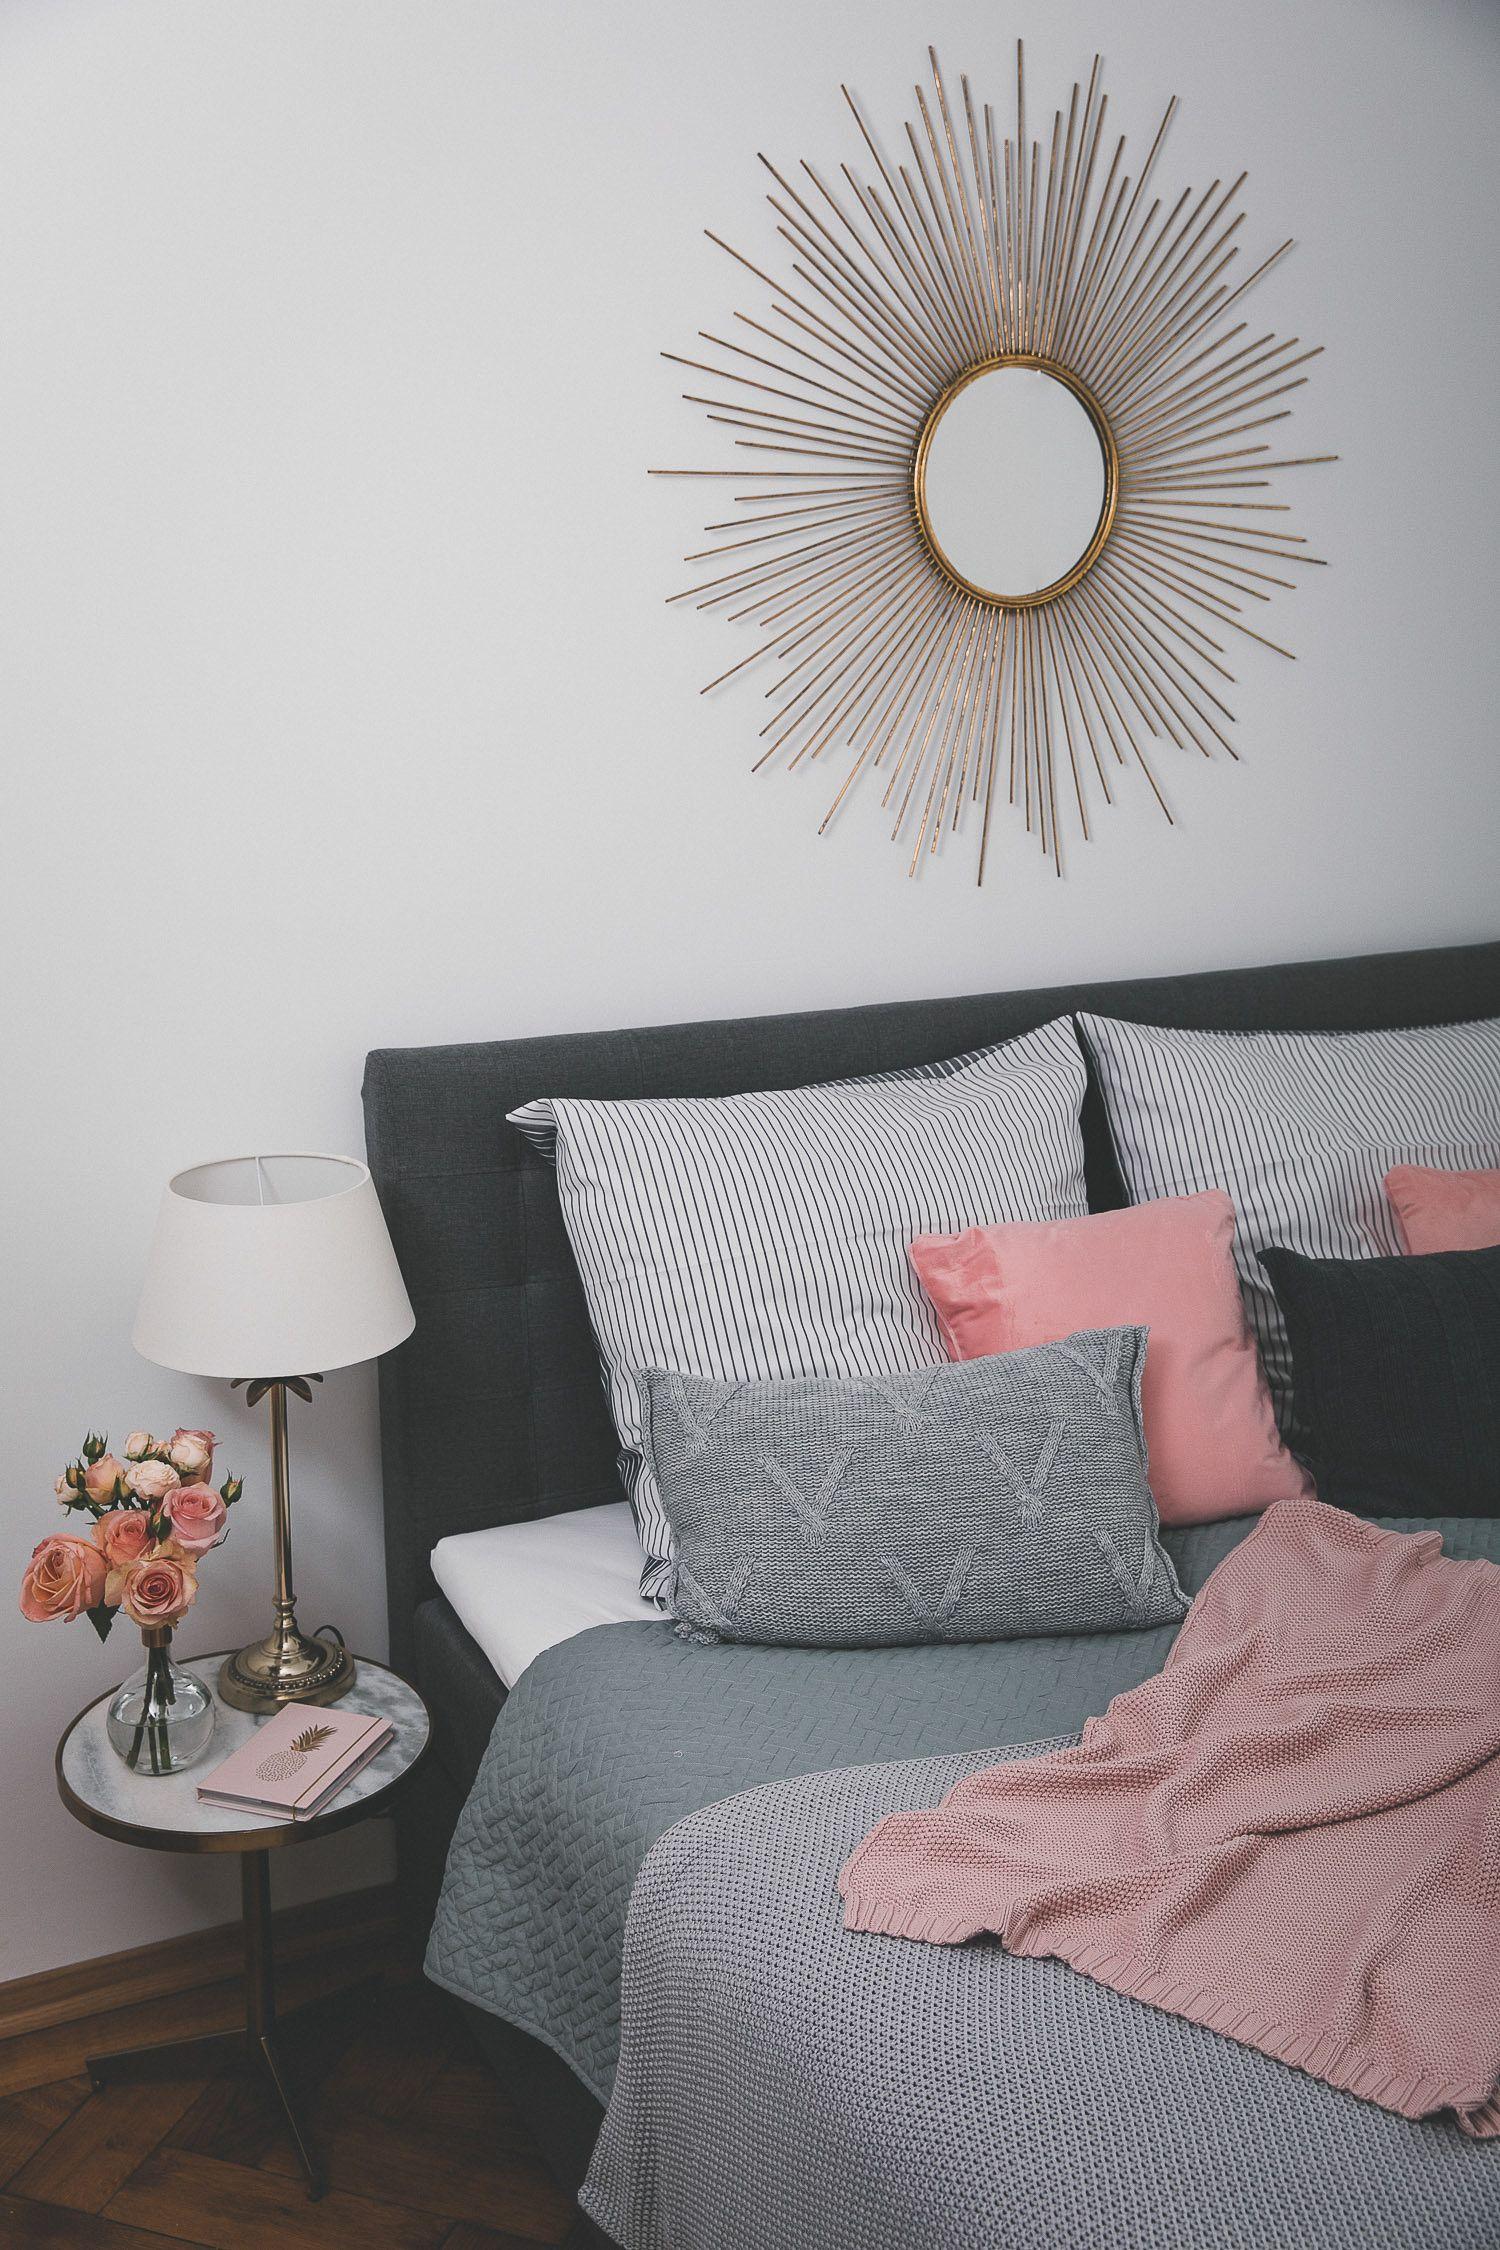 Uberlegen Unser Neues Schlafzimmer Mit Einem Boxspringbett, Verschiedene Decken Und  Kissen Auf Dem Bett, Blumen